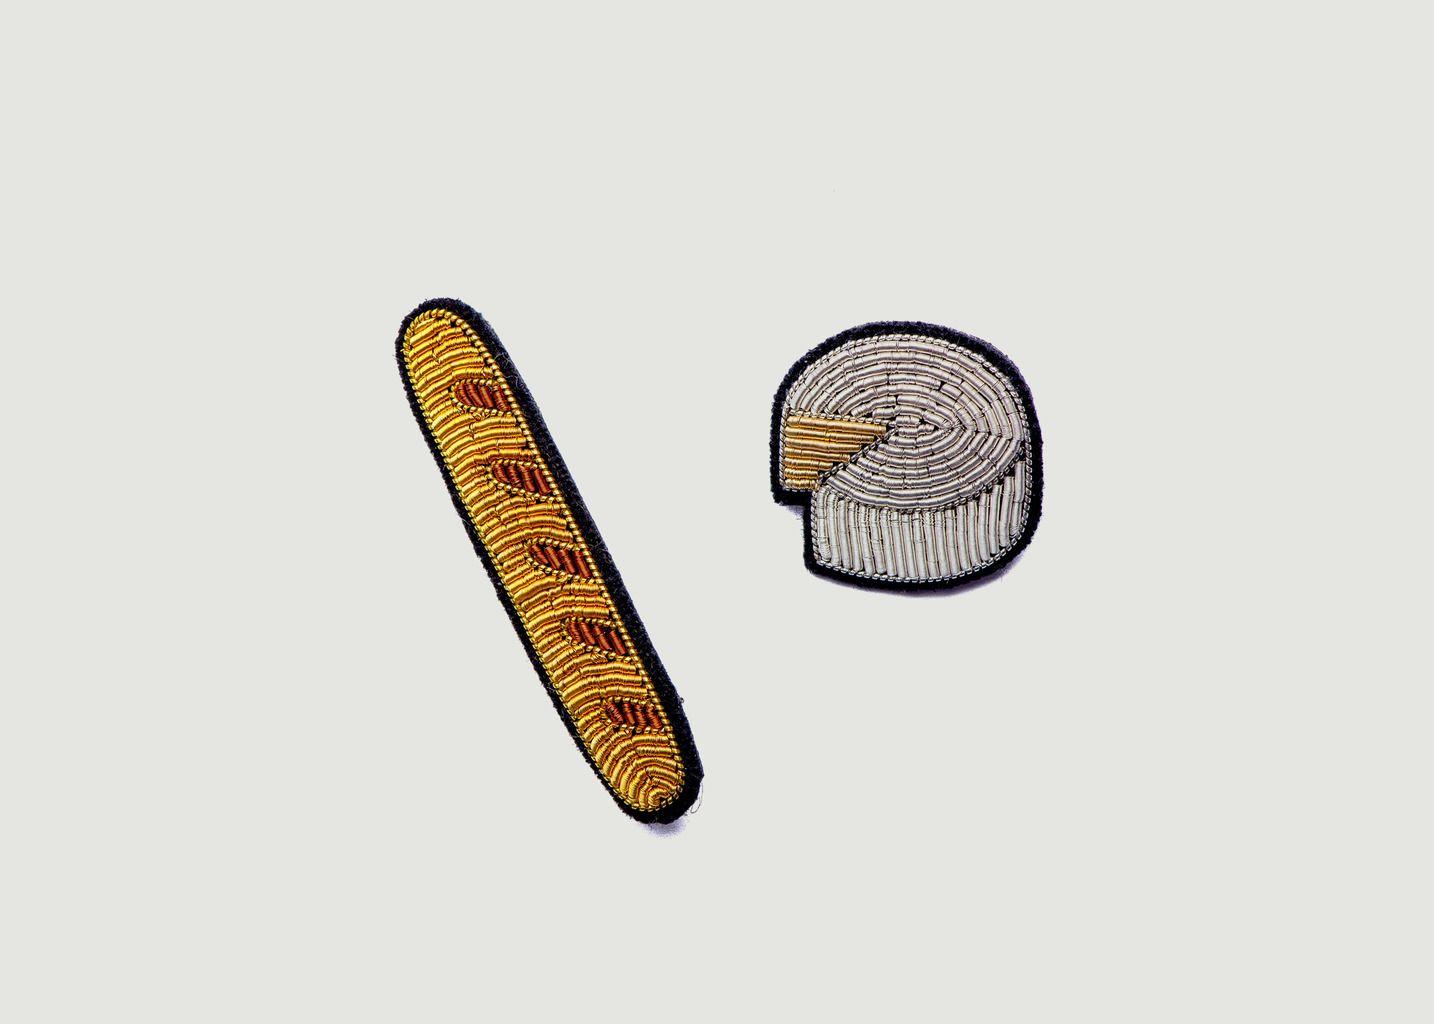 Boîte Panoplie Baguette + Camembert - Macon & Lesquoy